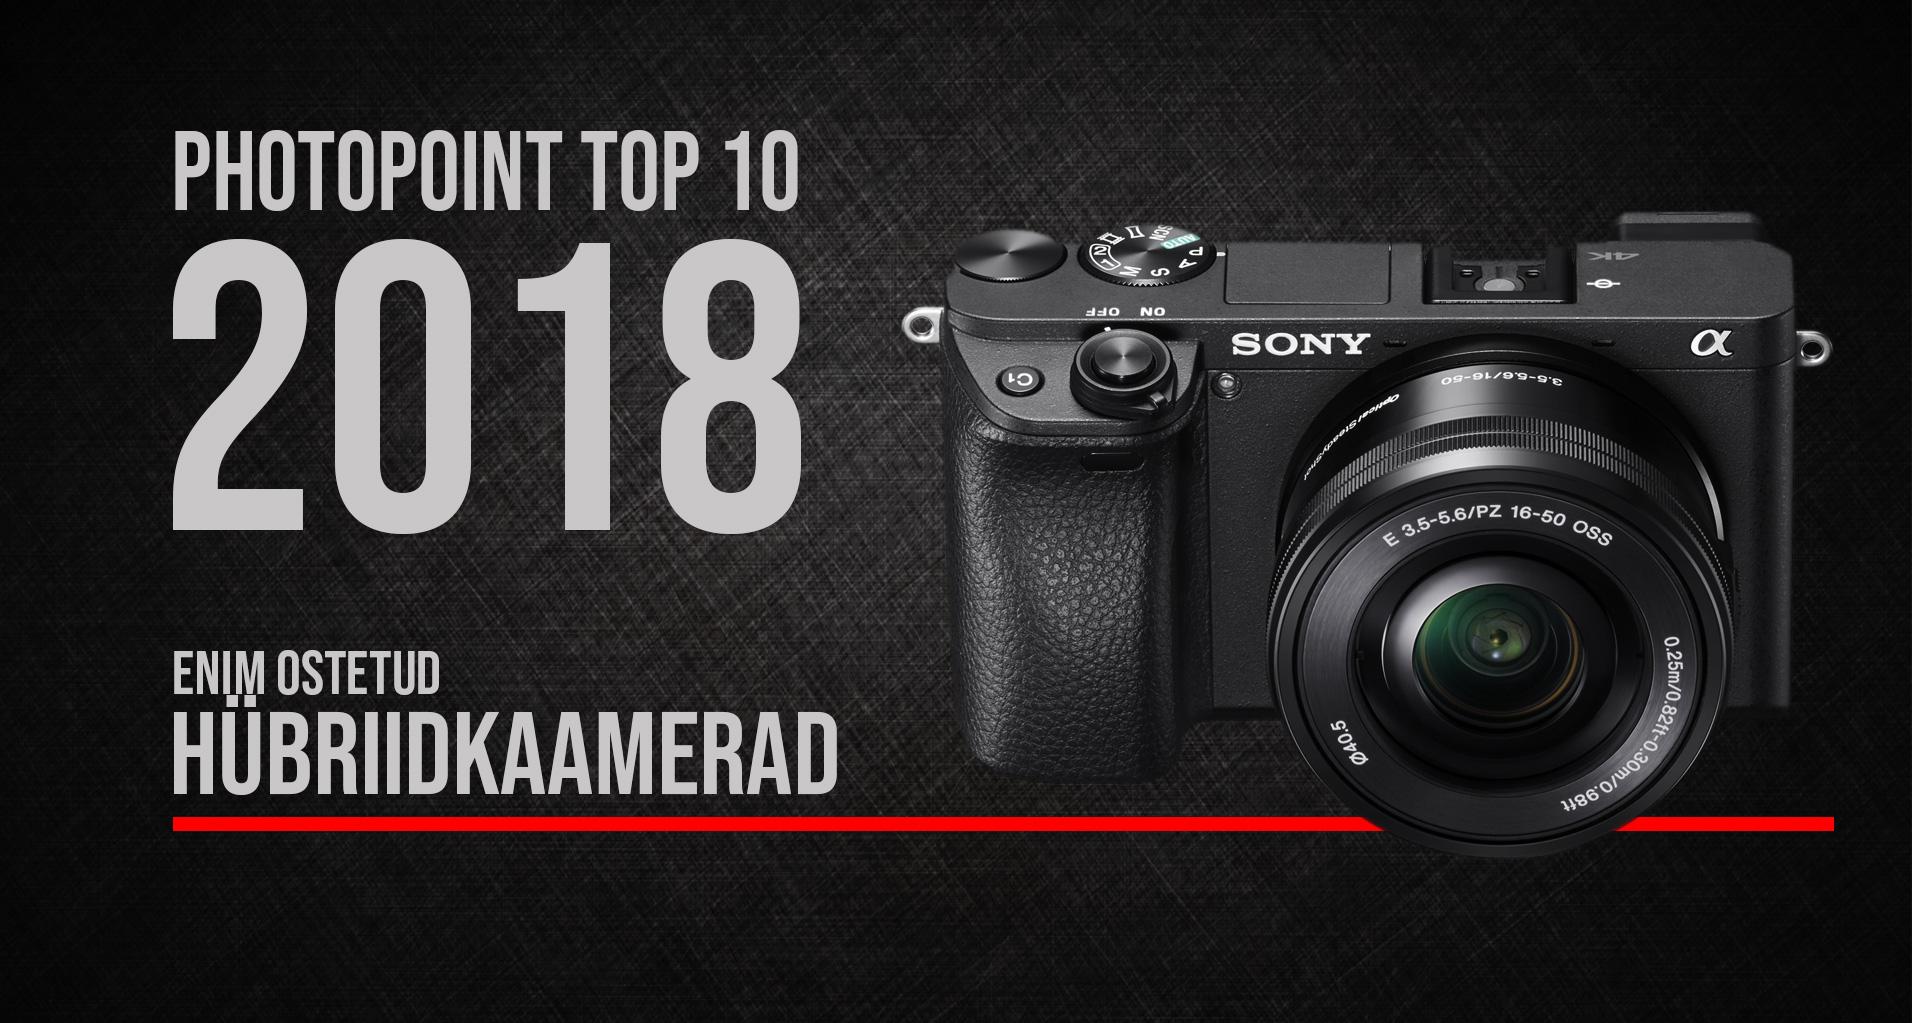 Photopointi TOP 10 – enim ostetud hübriidkaamerad aastal 2018